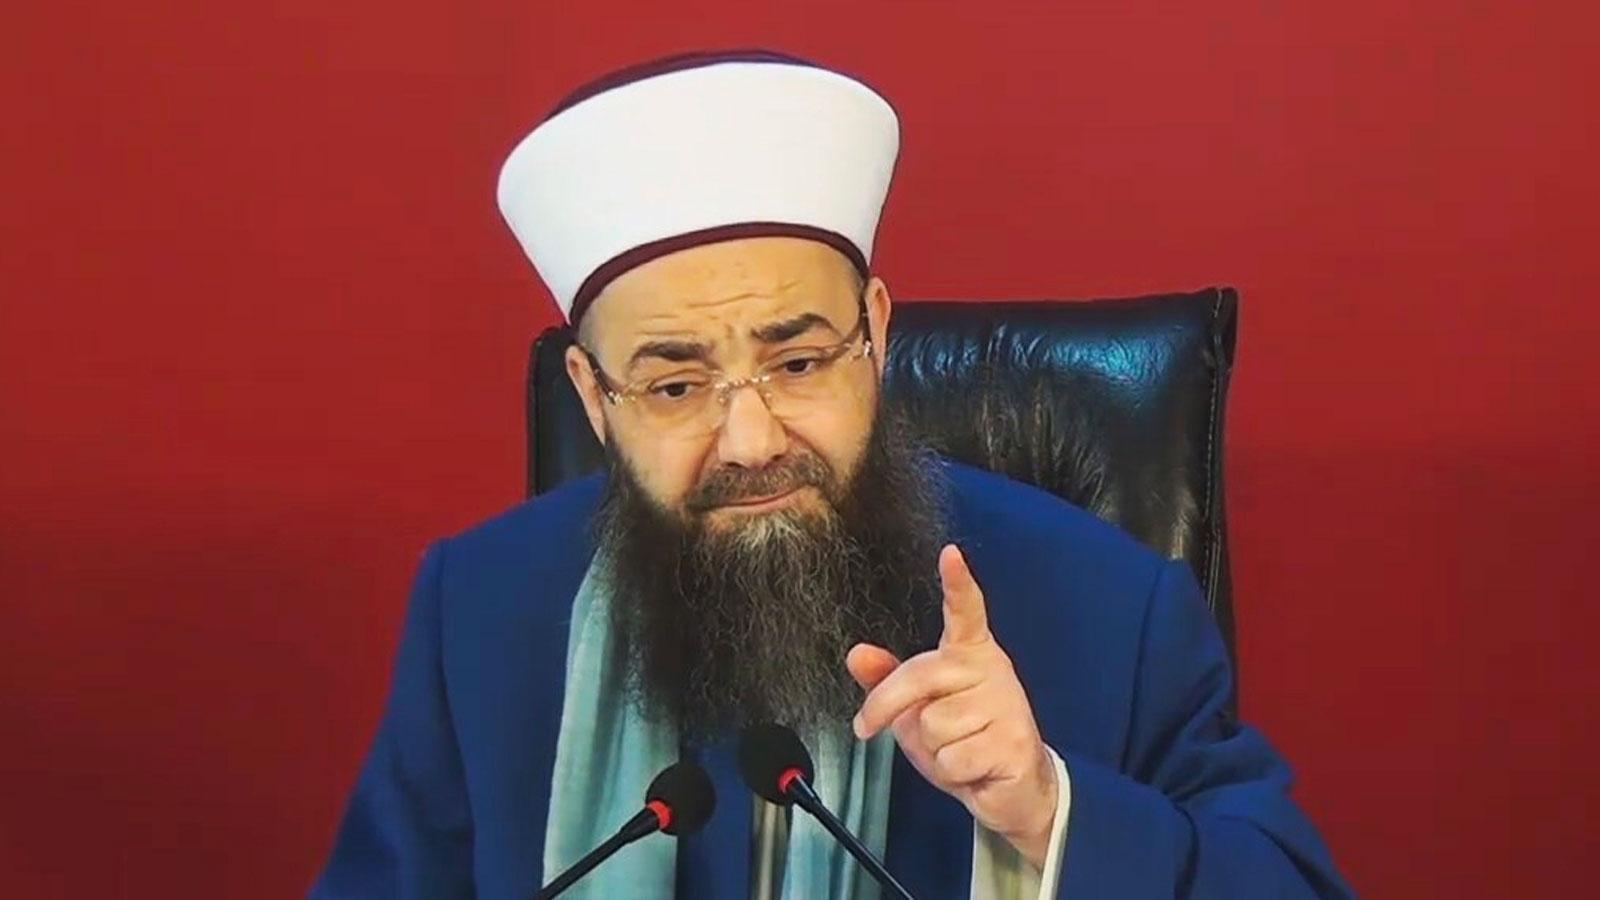 Cübbeli Ahmet ifadeye vermeye çağrıldı